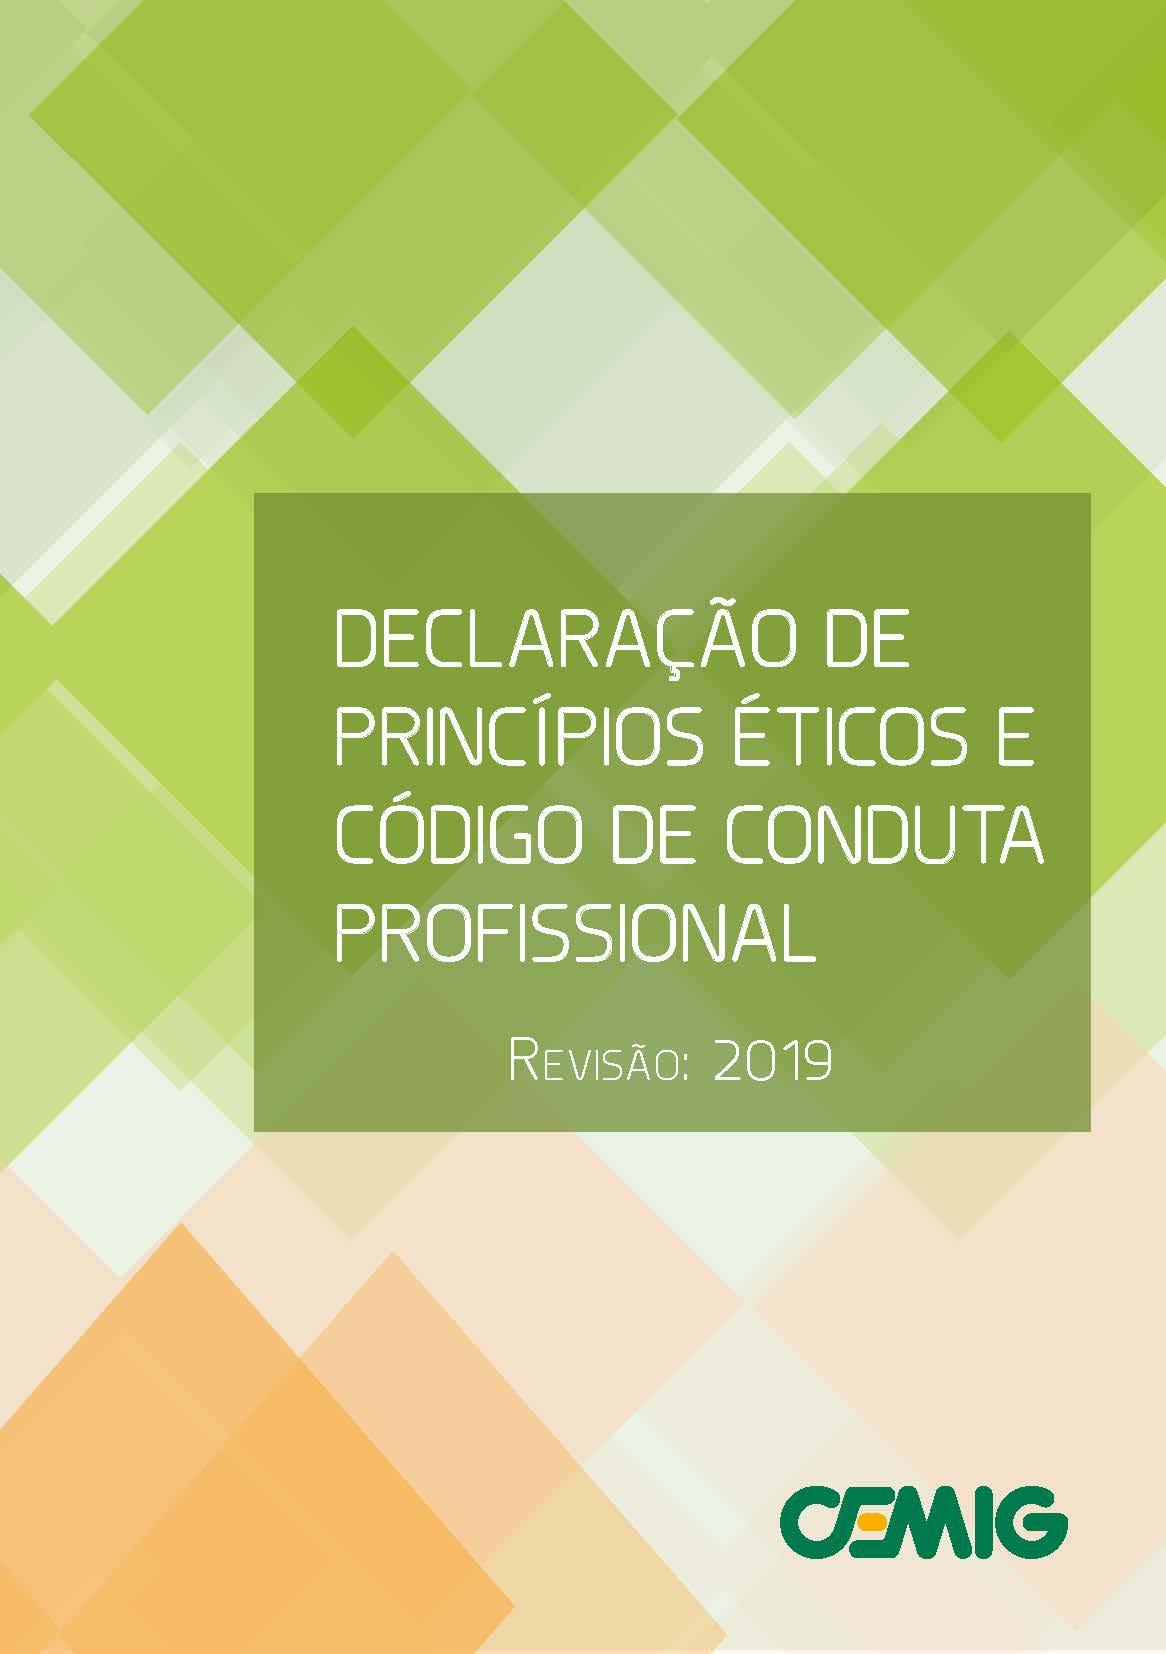 Course Image CSSD-0009 - TREINAMENTO E ADESÃO ANUAL À DECLARAÇÃO DE PRINCÍPIOS ÉTICOS E CÓDIGO DE CONDUTA PROFISSIONAL - 2020